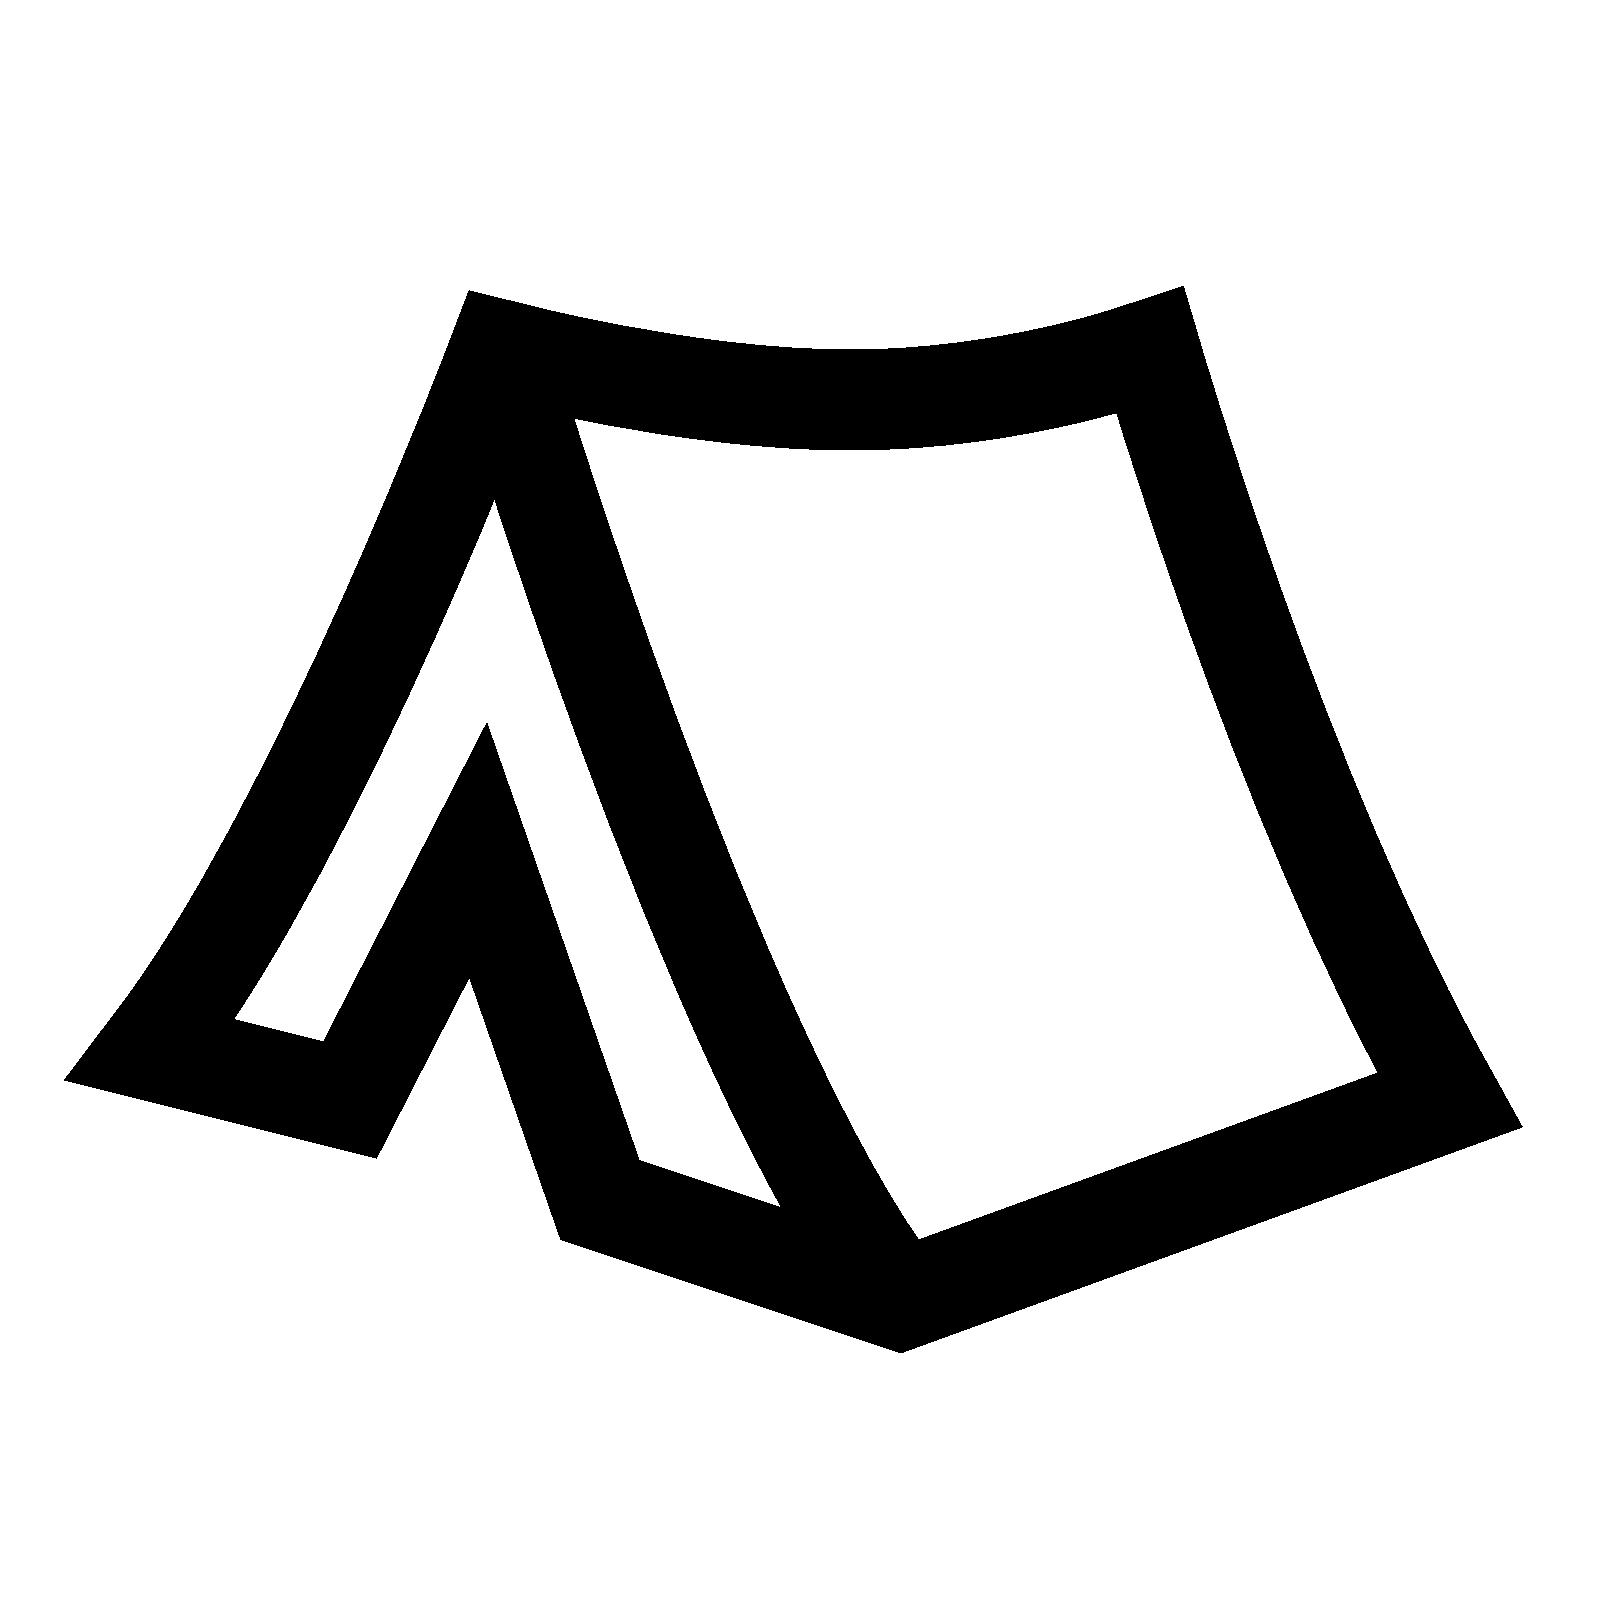 1600x1600 Tent Clipart Symbol